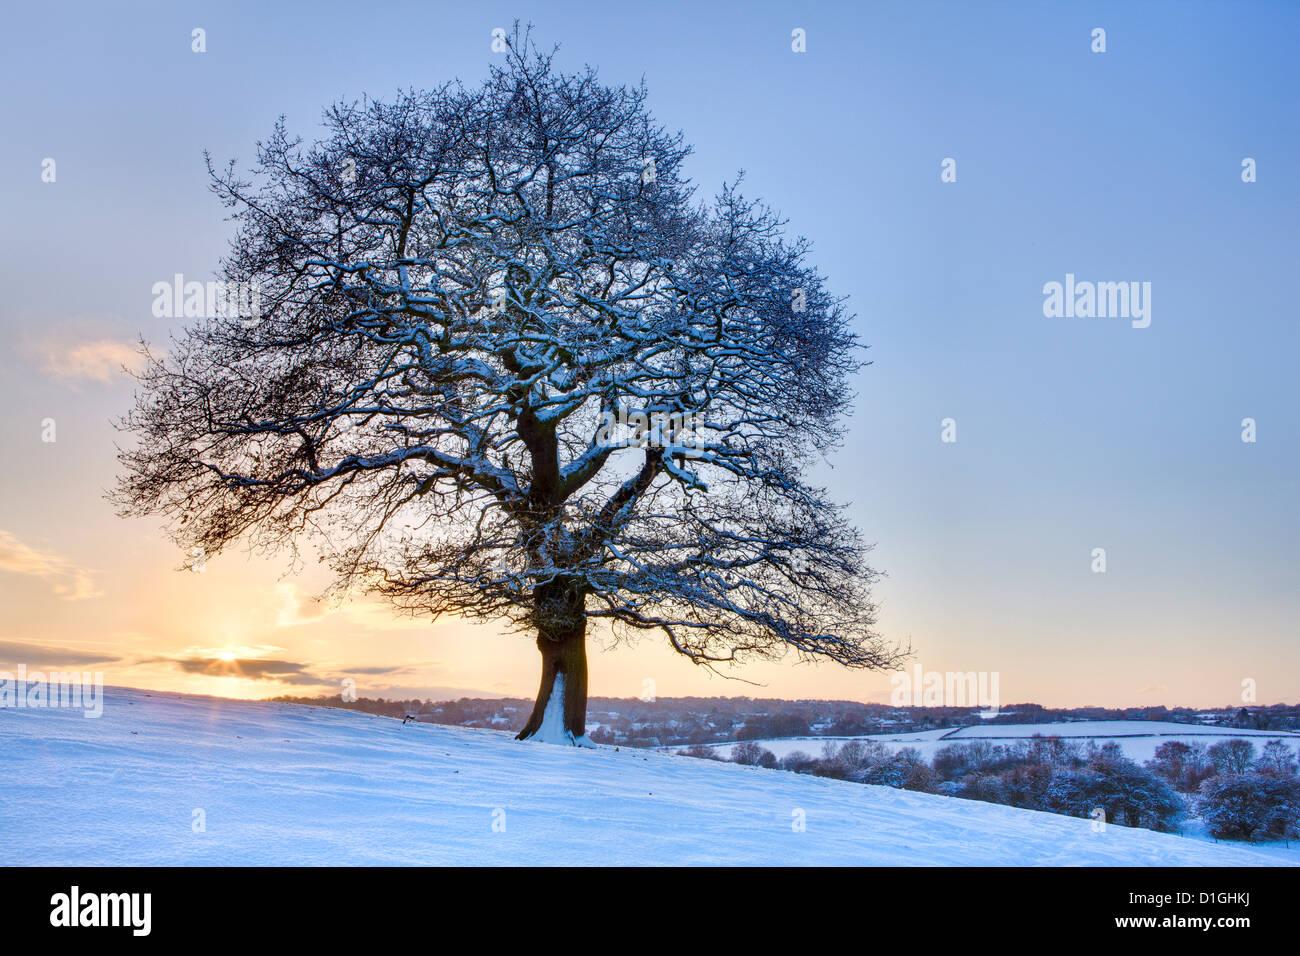 Arbre couvert de neige au coucher du soleil, près de l'Hetchell, Bois Thorner, West Yorkshire, Yorkshire, Photo Stock